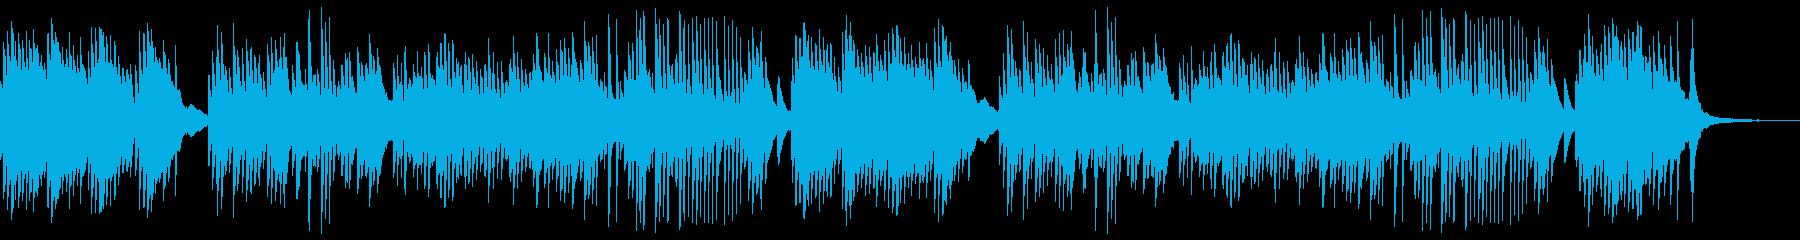 エモーショナルなピアノソロの再生済みの波形